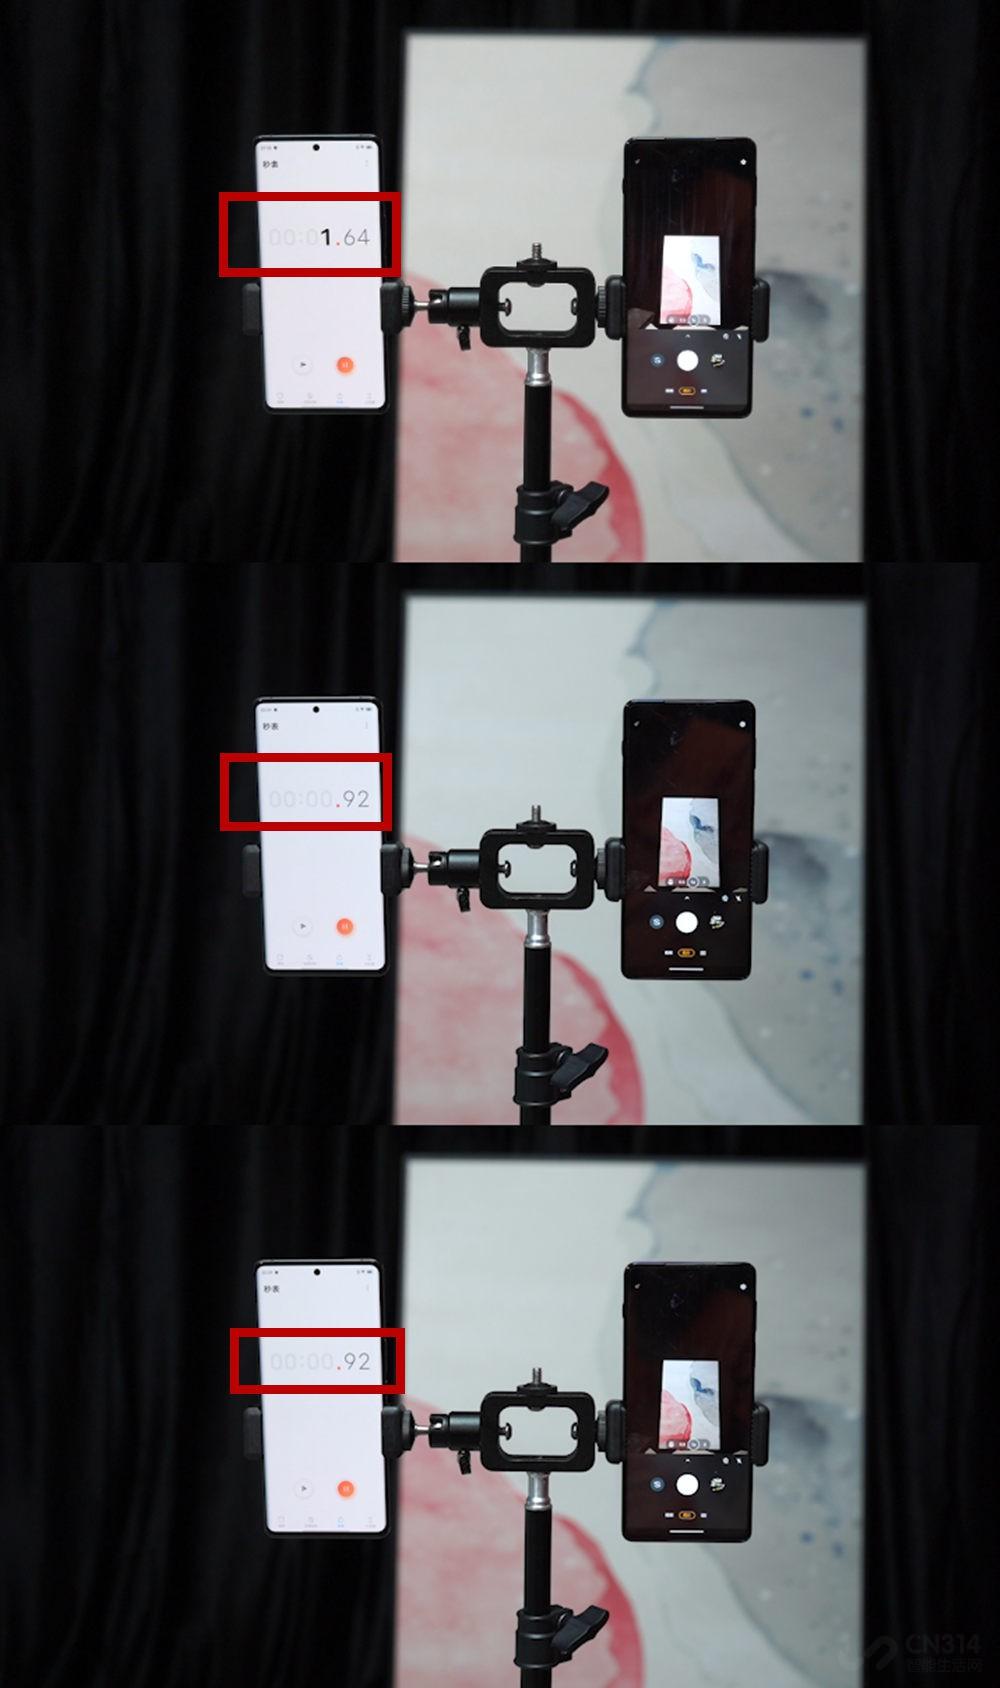 都是同型号一亿像素镜头 使用有差别吗?插图(6)